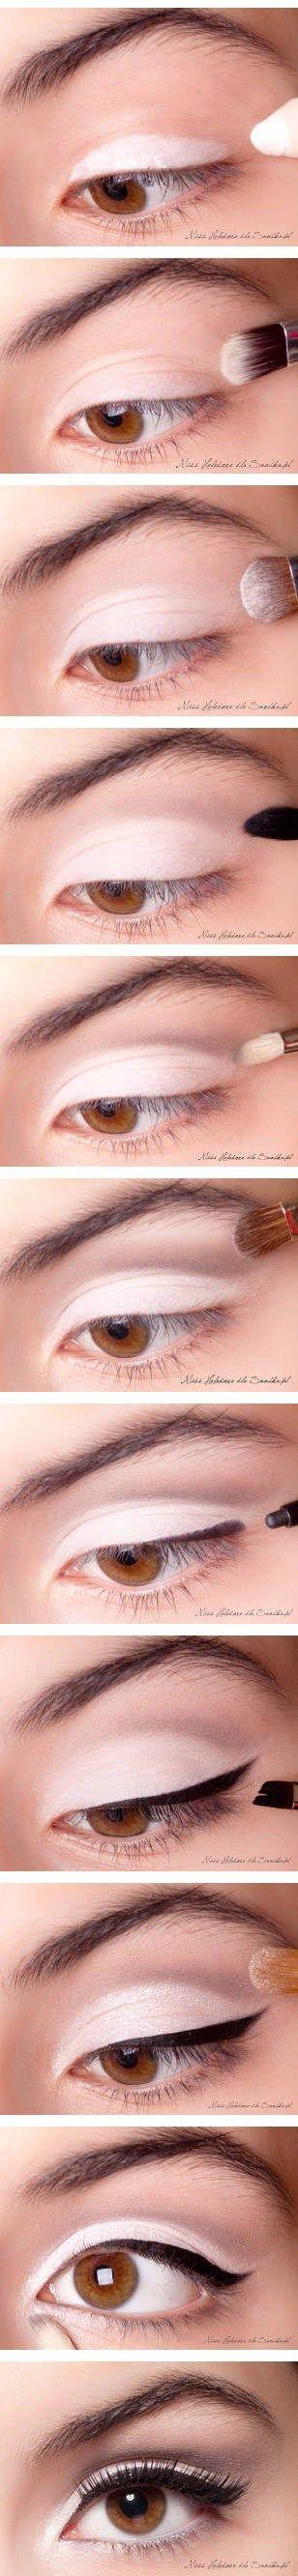 ms de ideas increbles sobre ojo ahumado en pinterest maquillaje de ojos ahumados tutorial de maquillaje de ojos ahumados y maquillaje de ojos